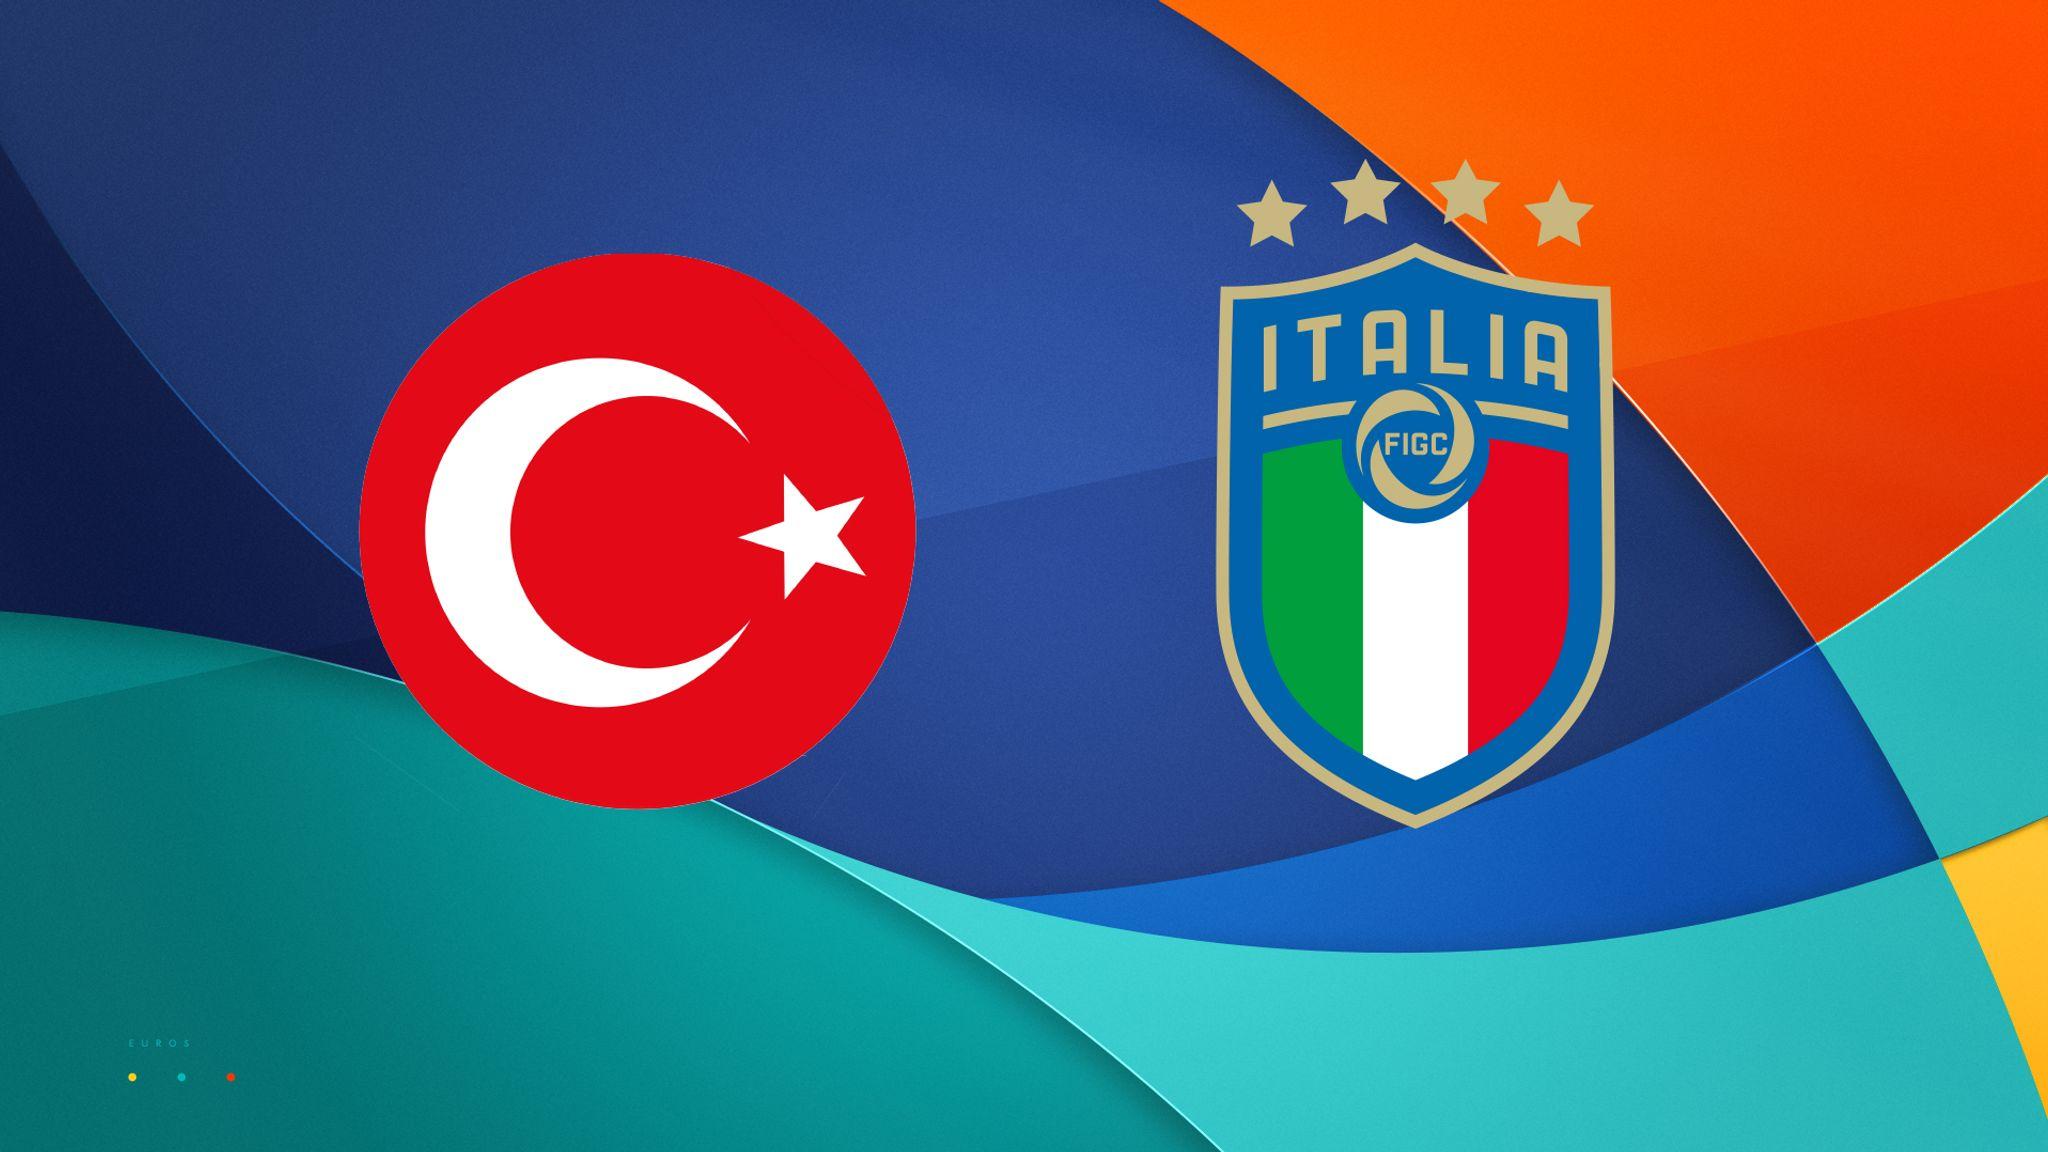 Pertandingan perdana Piala Eropa 2020 yang mempertemukan Turki vs Italia dapat disaksikan secara langsung via link live streaming berikut ini. (foto: Sky Sports)